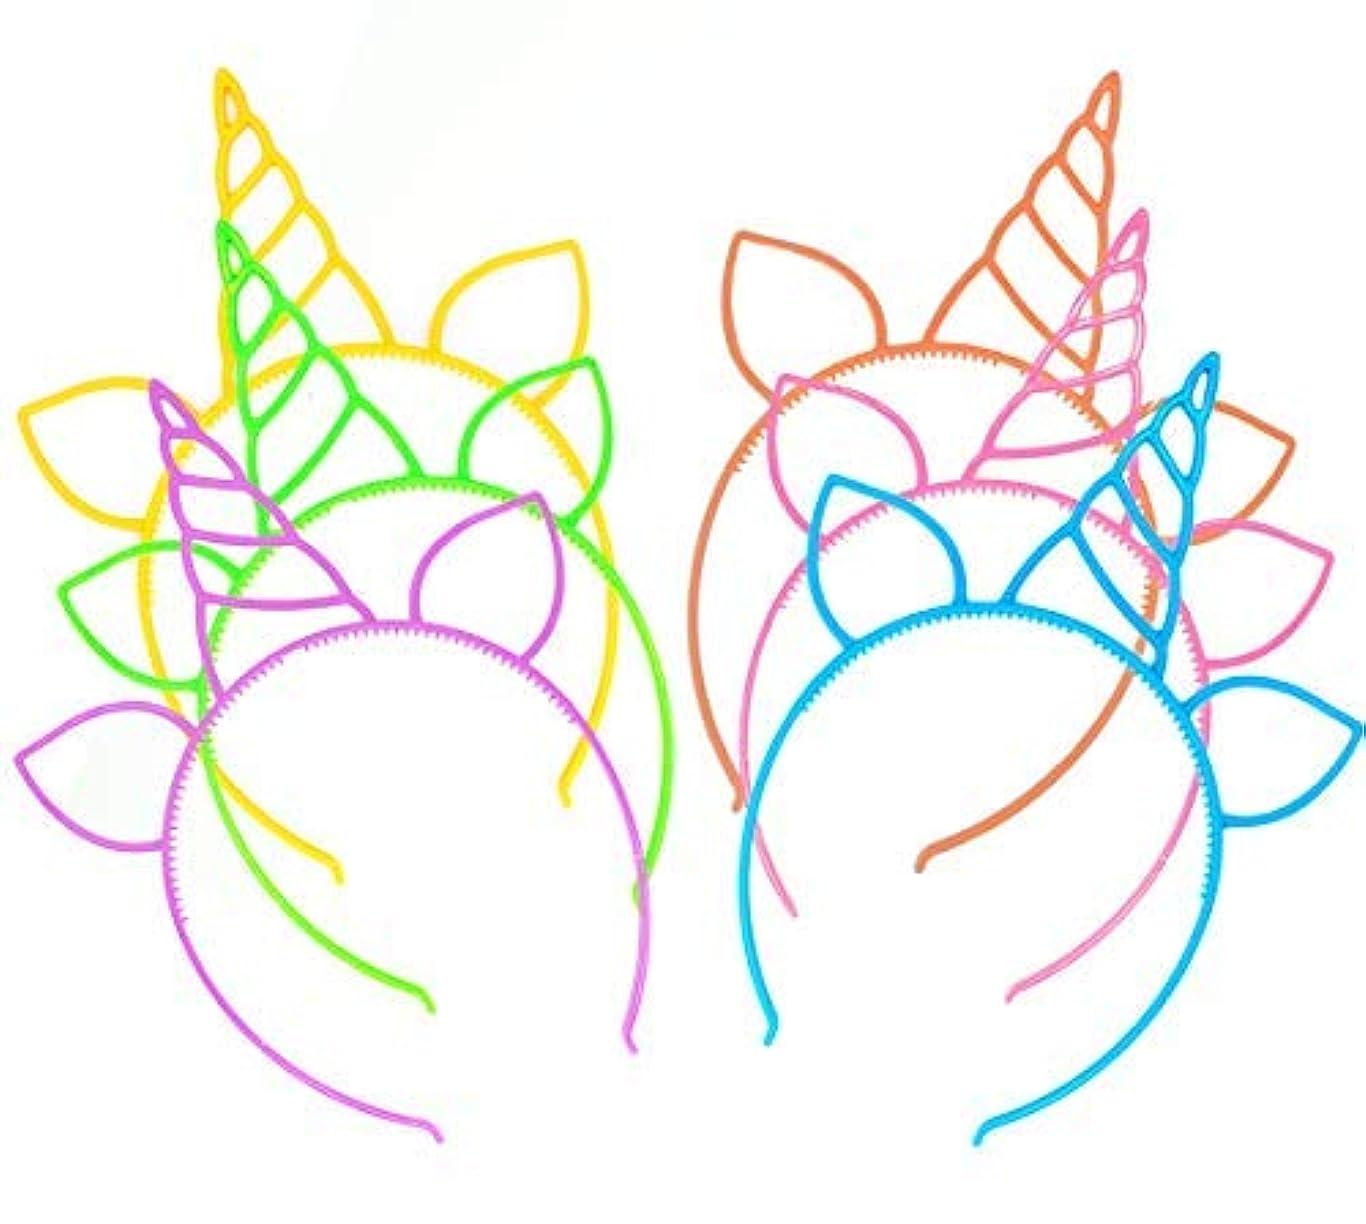 勇気のあるバンク一貫性のない12 Pcs Unicorn Headbands Theme Birthday Party Favor Supplies Gift Costume [並行輸入品]